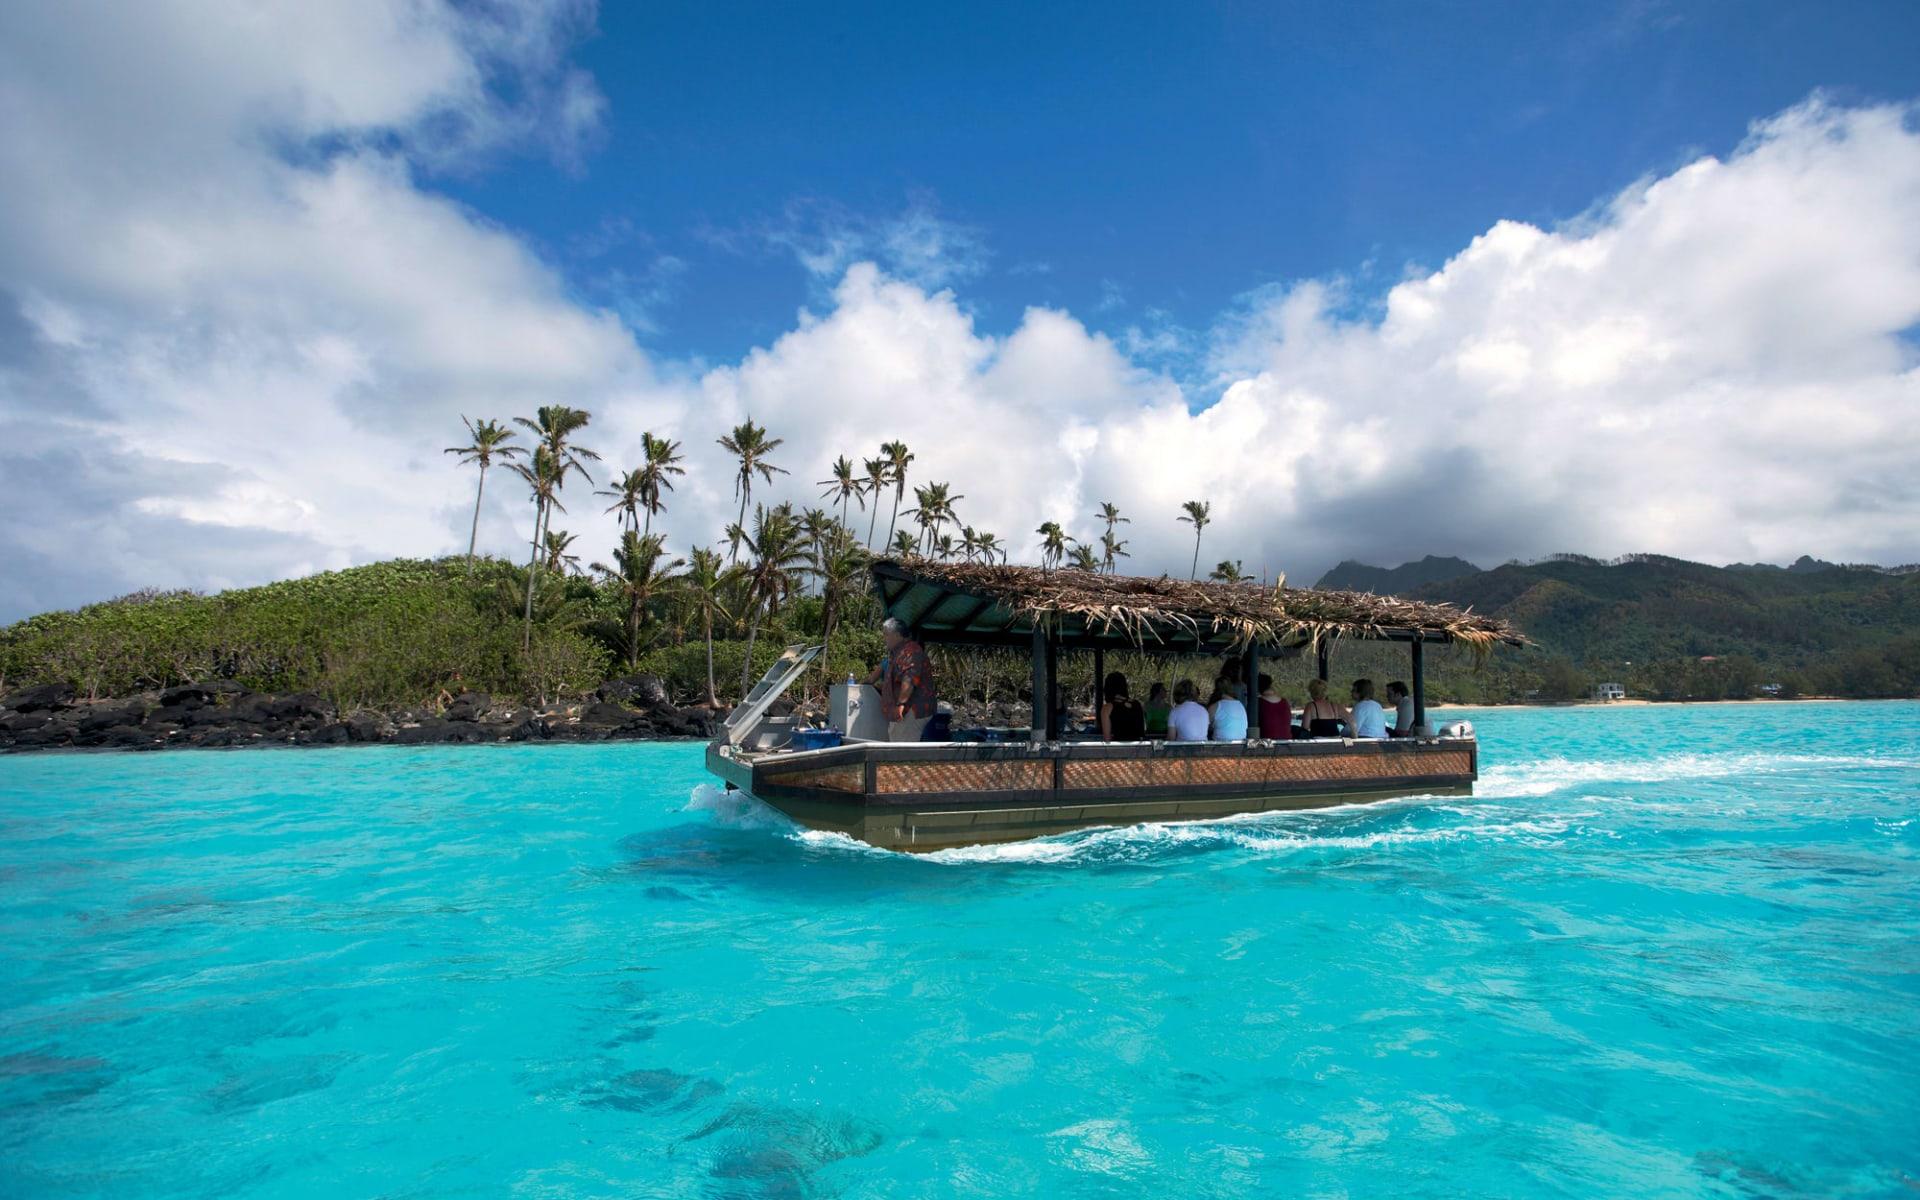 Pacific Resort Rarotonga:  Pacific Resort Rarotonga - Lagoon Cruise